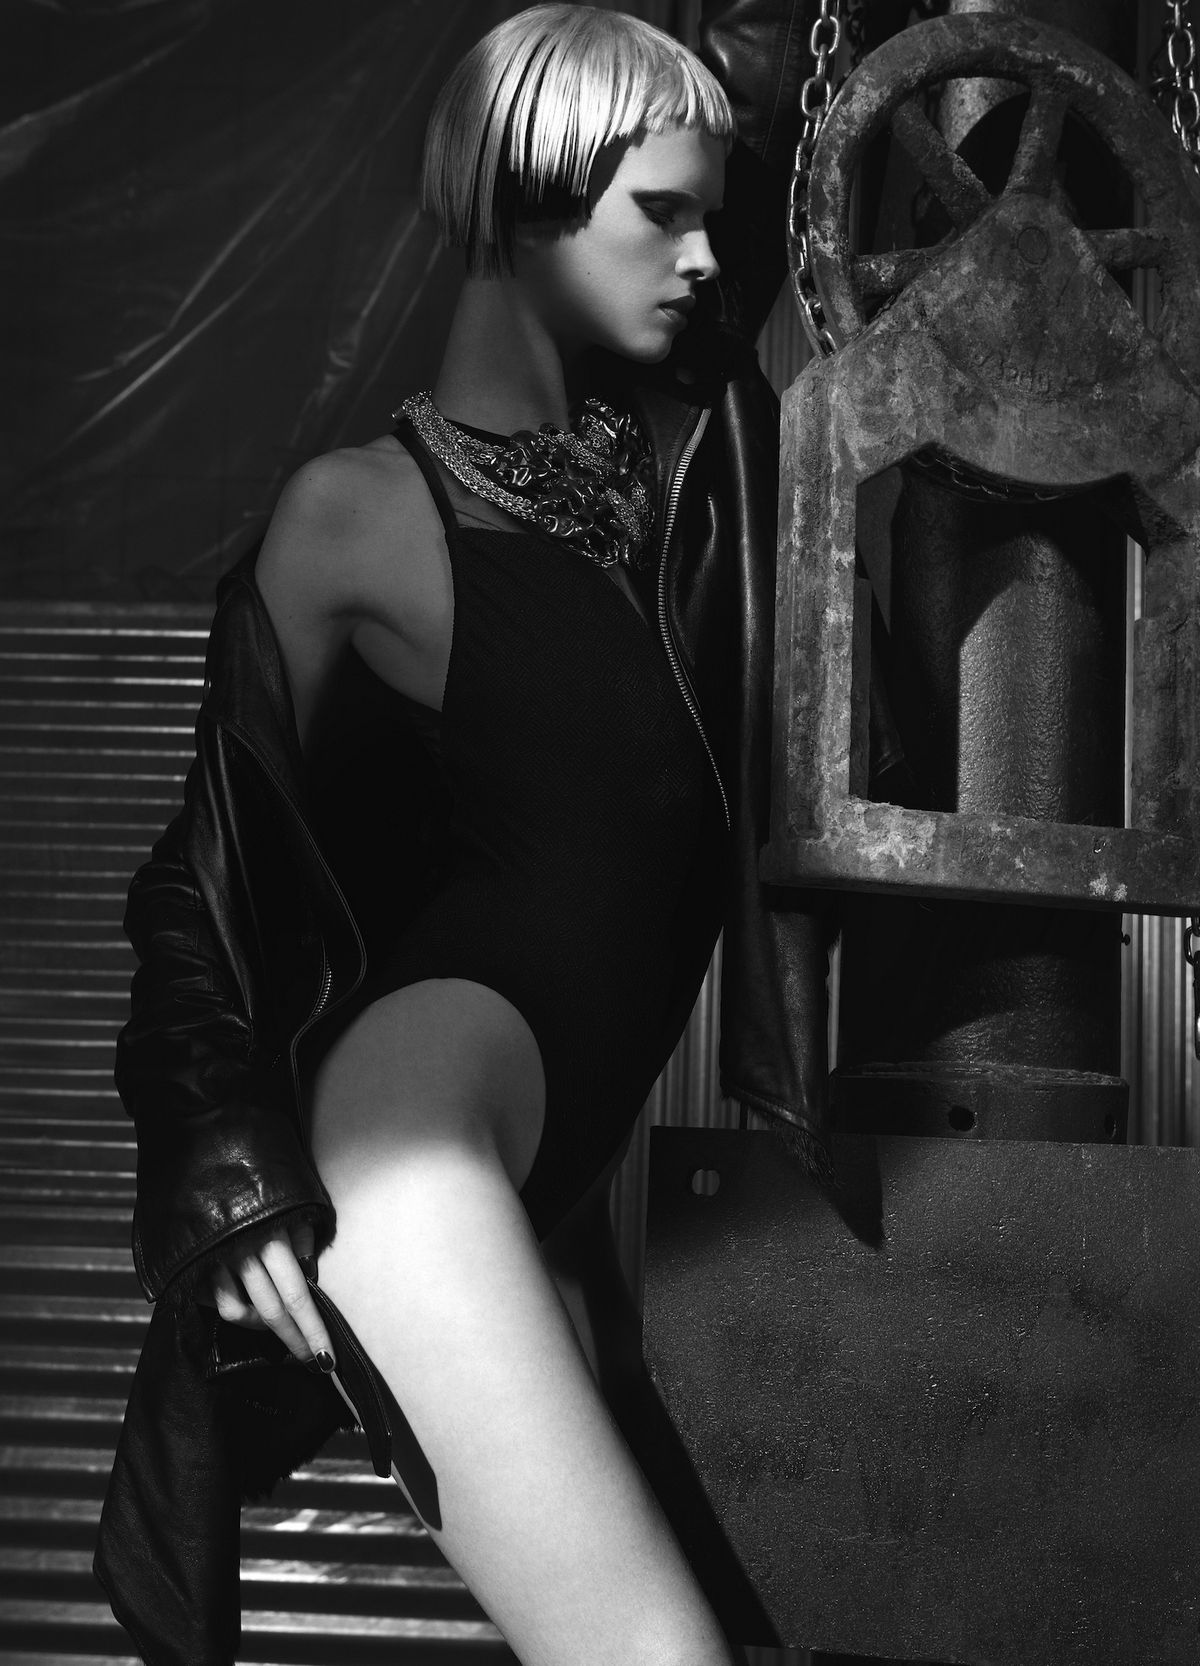 Эксцентричная фотосессия Алены Субботиной. Фотограф Кай Зи Фенг